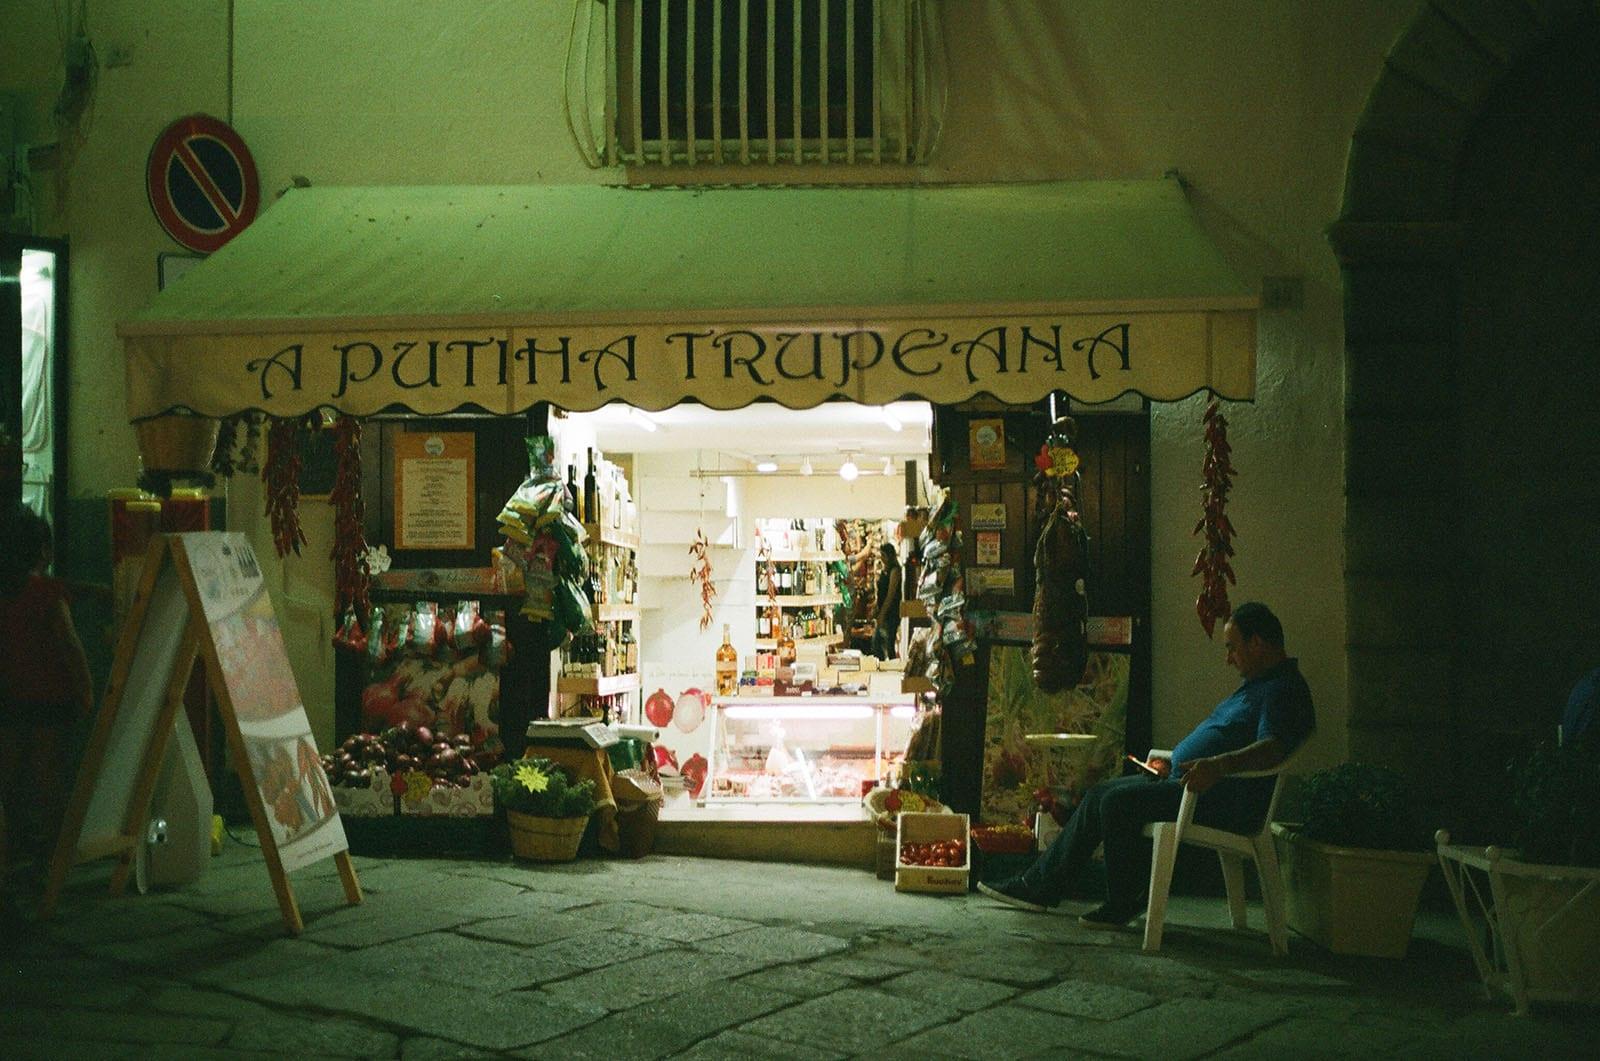 Loja em Tropea com homem sentado na frente